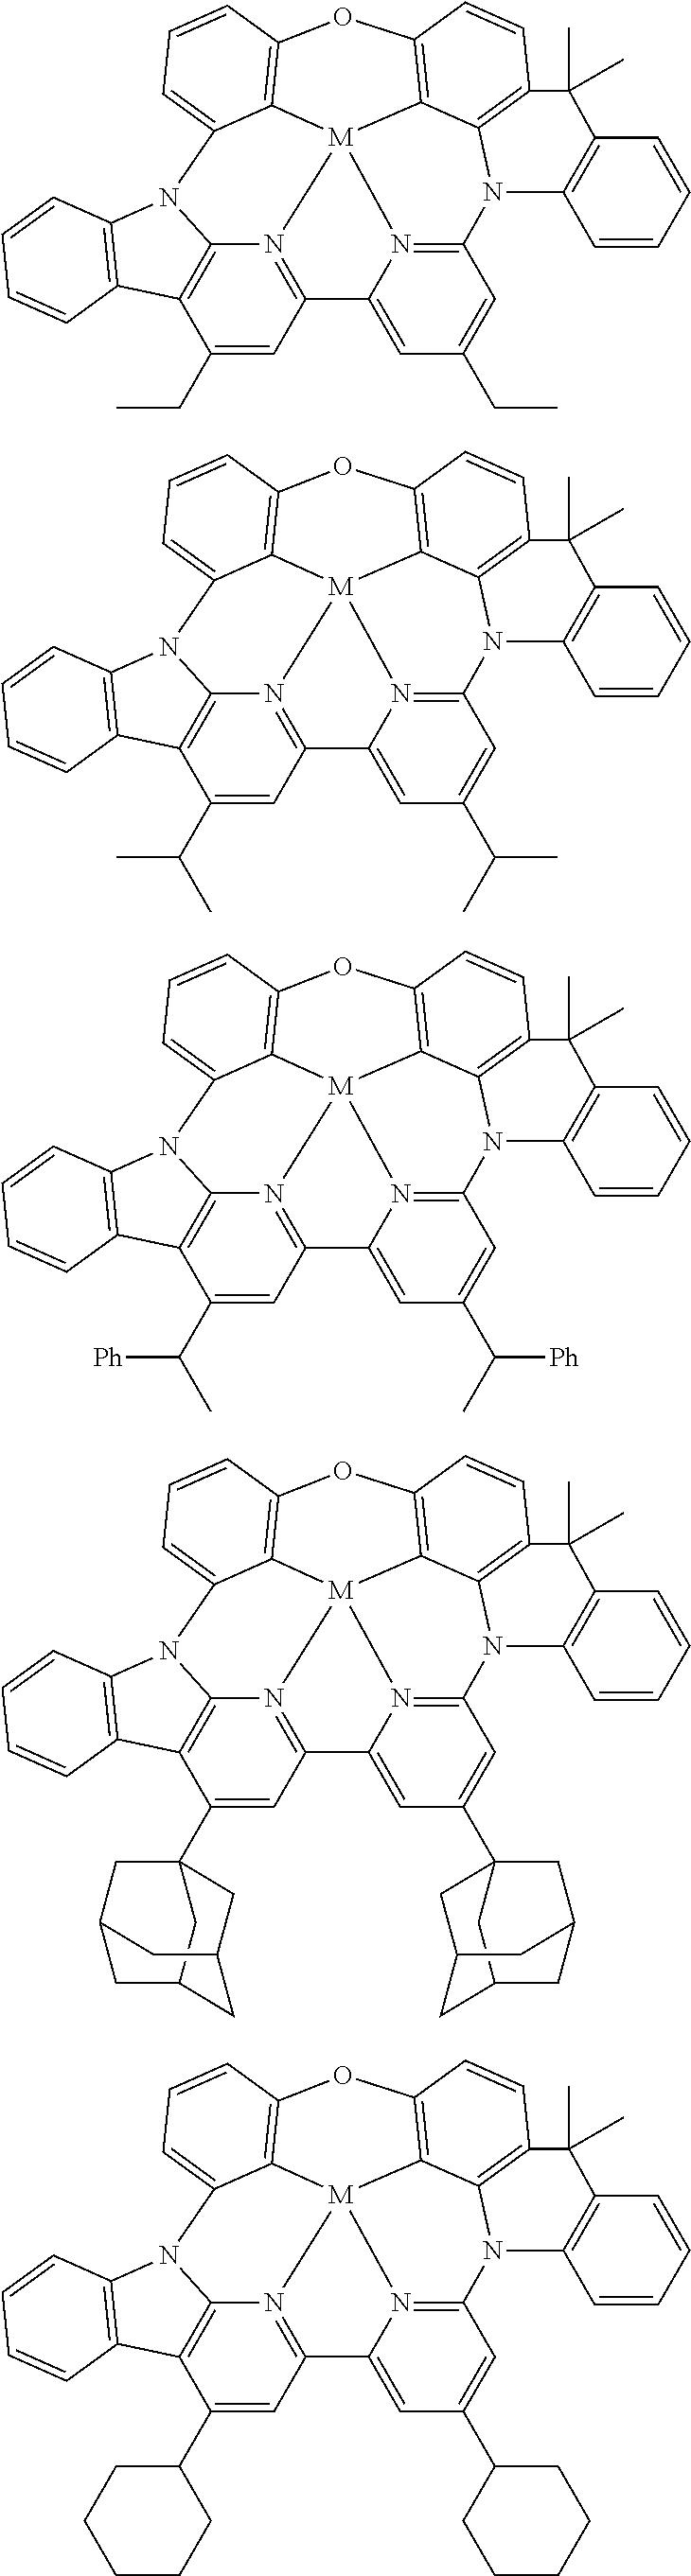 Figure US10158091-20181218-C00264